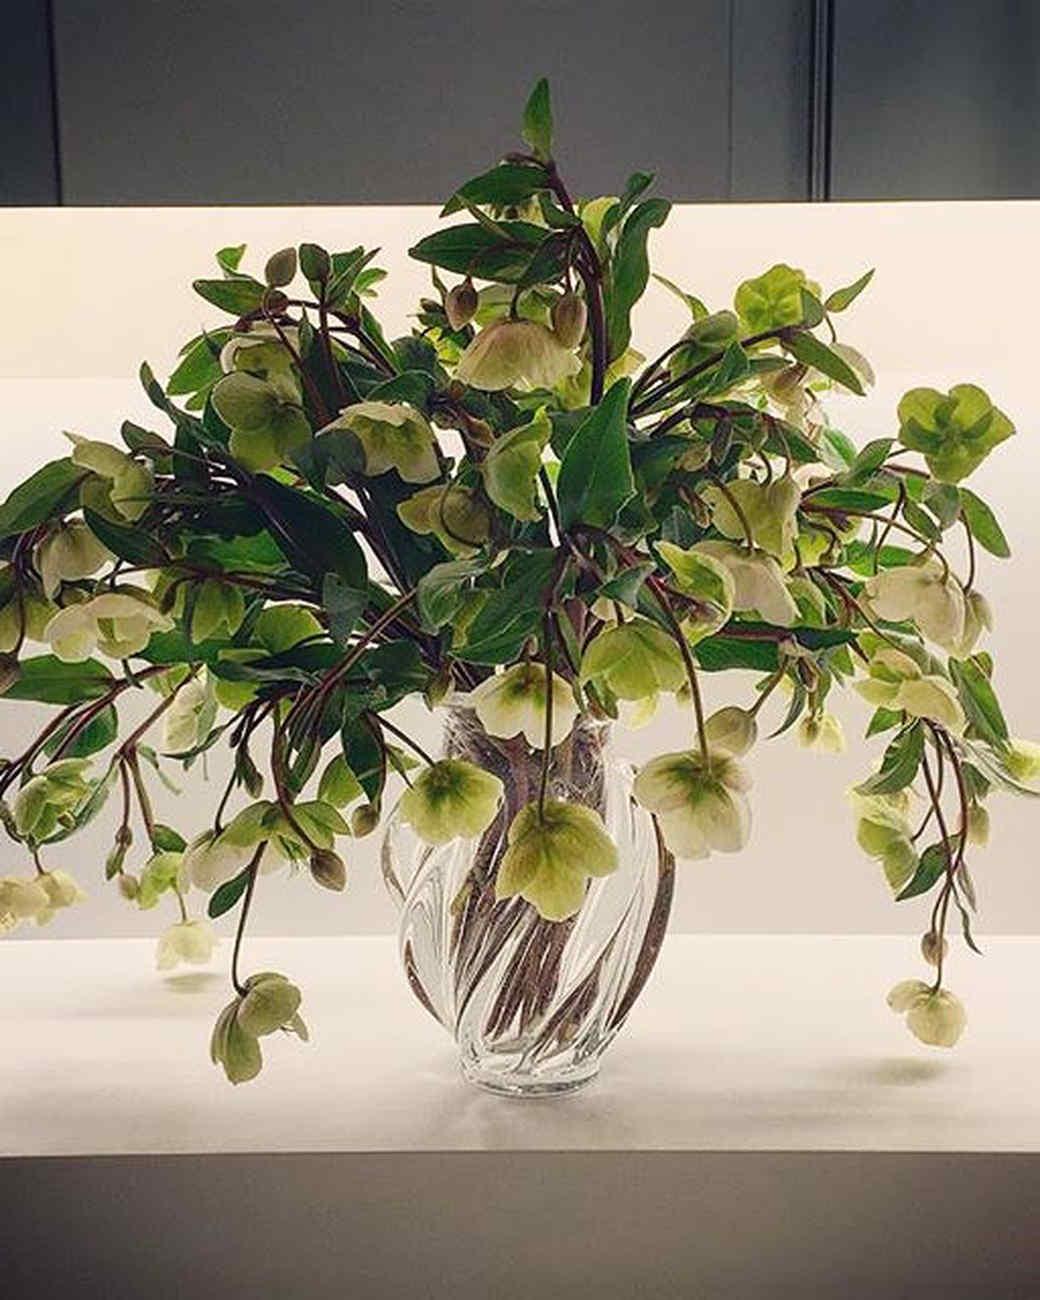 sharkey-instagram-white-flowers.jpg